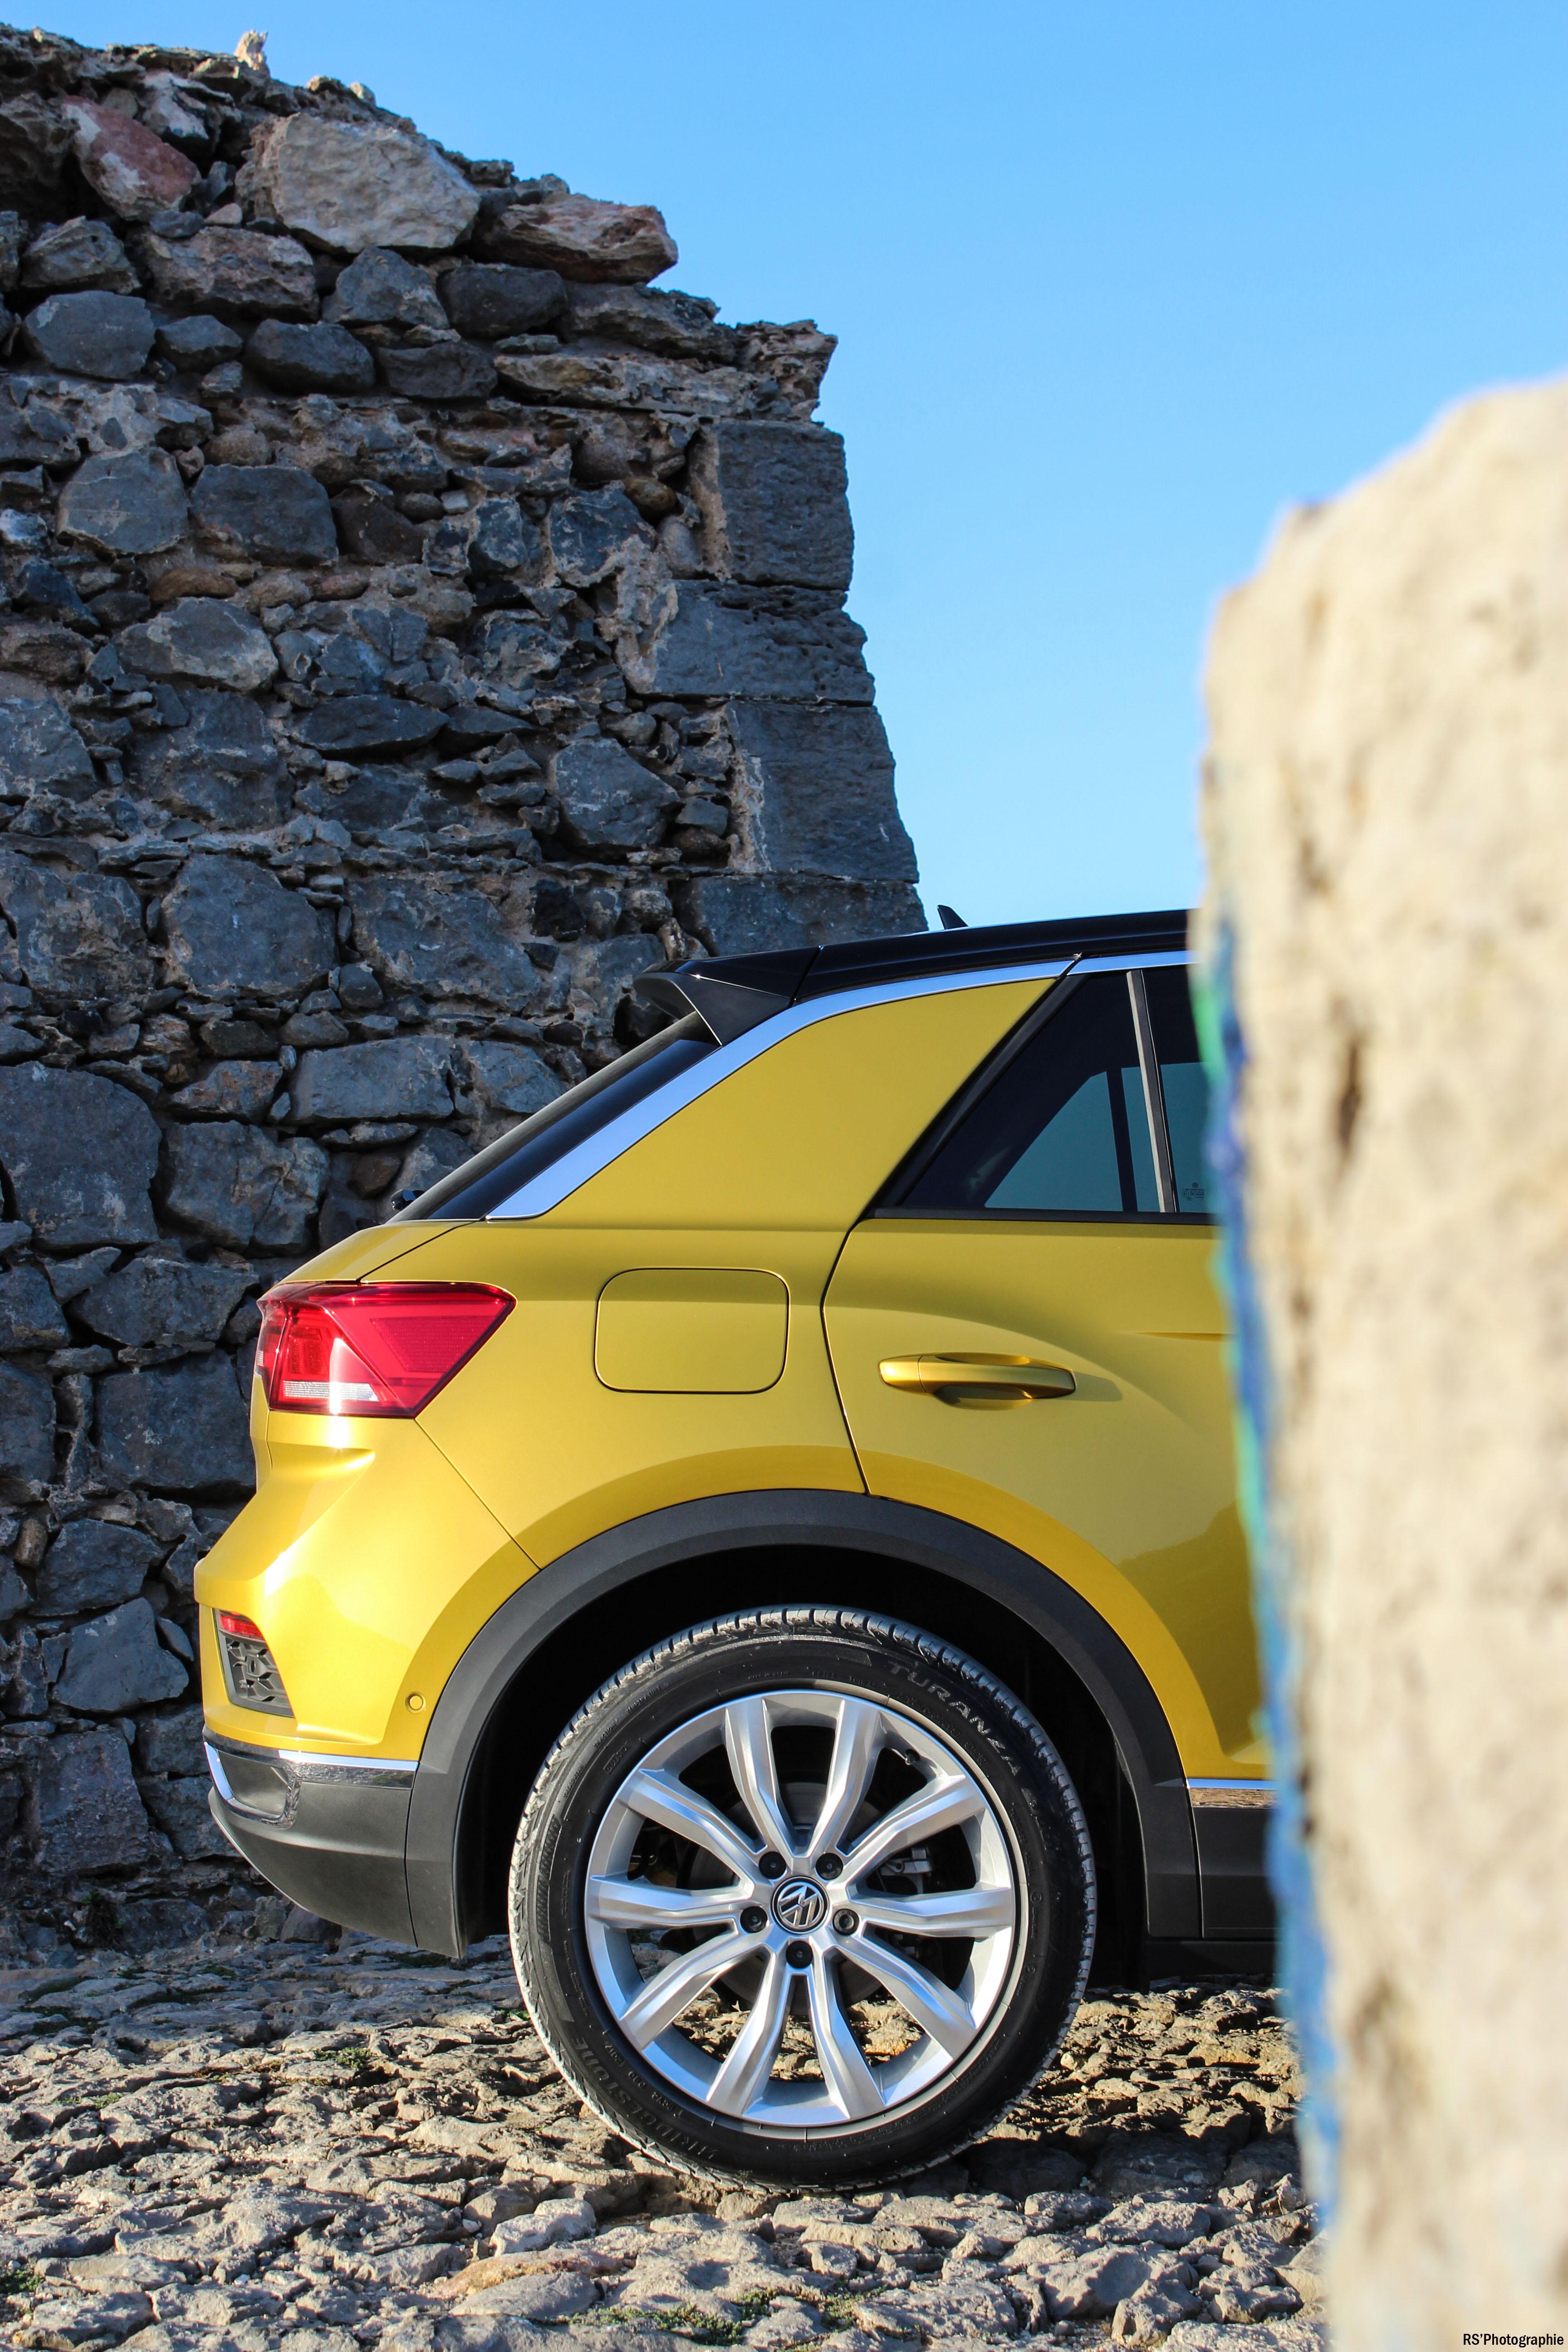 Volkswagentroc95-vw-t-roc-arriere-rear-Arnaud Demasier-RSPhotographie